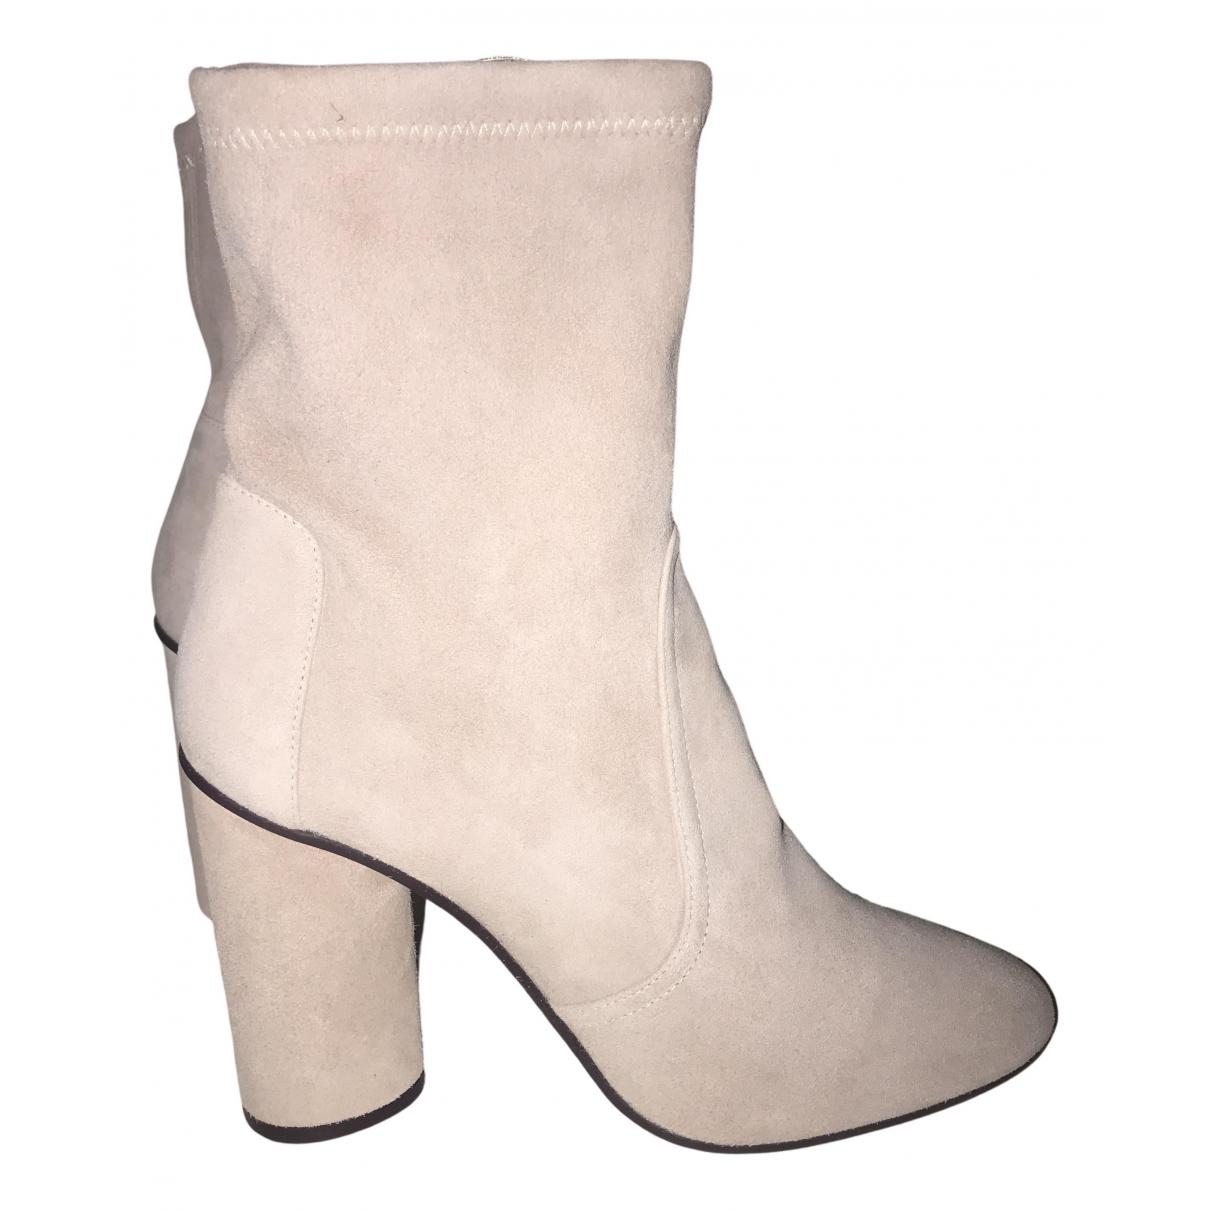 Stuart Weitzman - Boots   pour femme en suede - rose